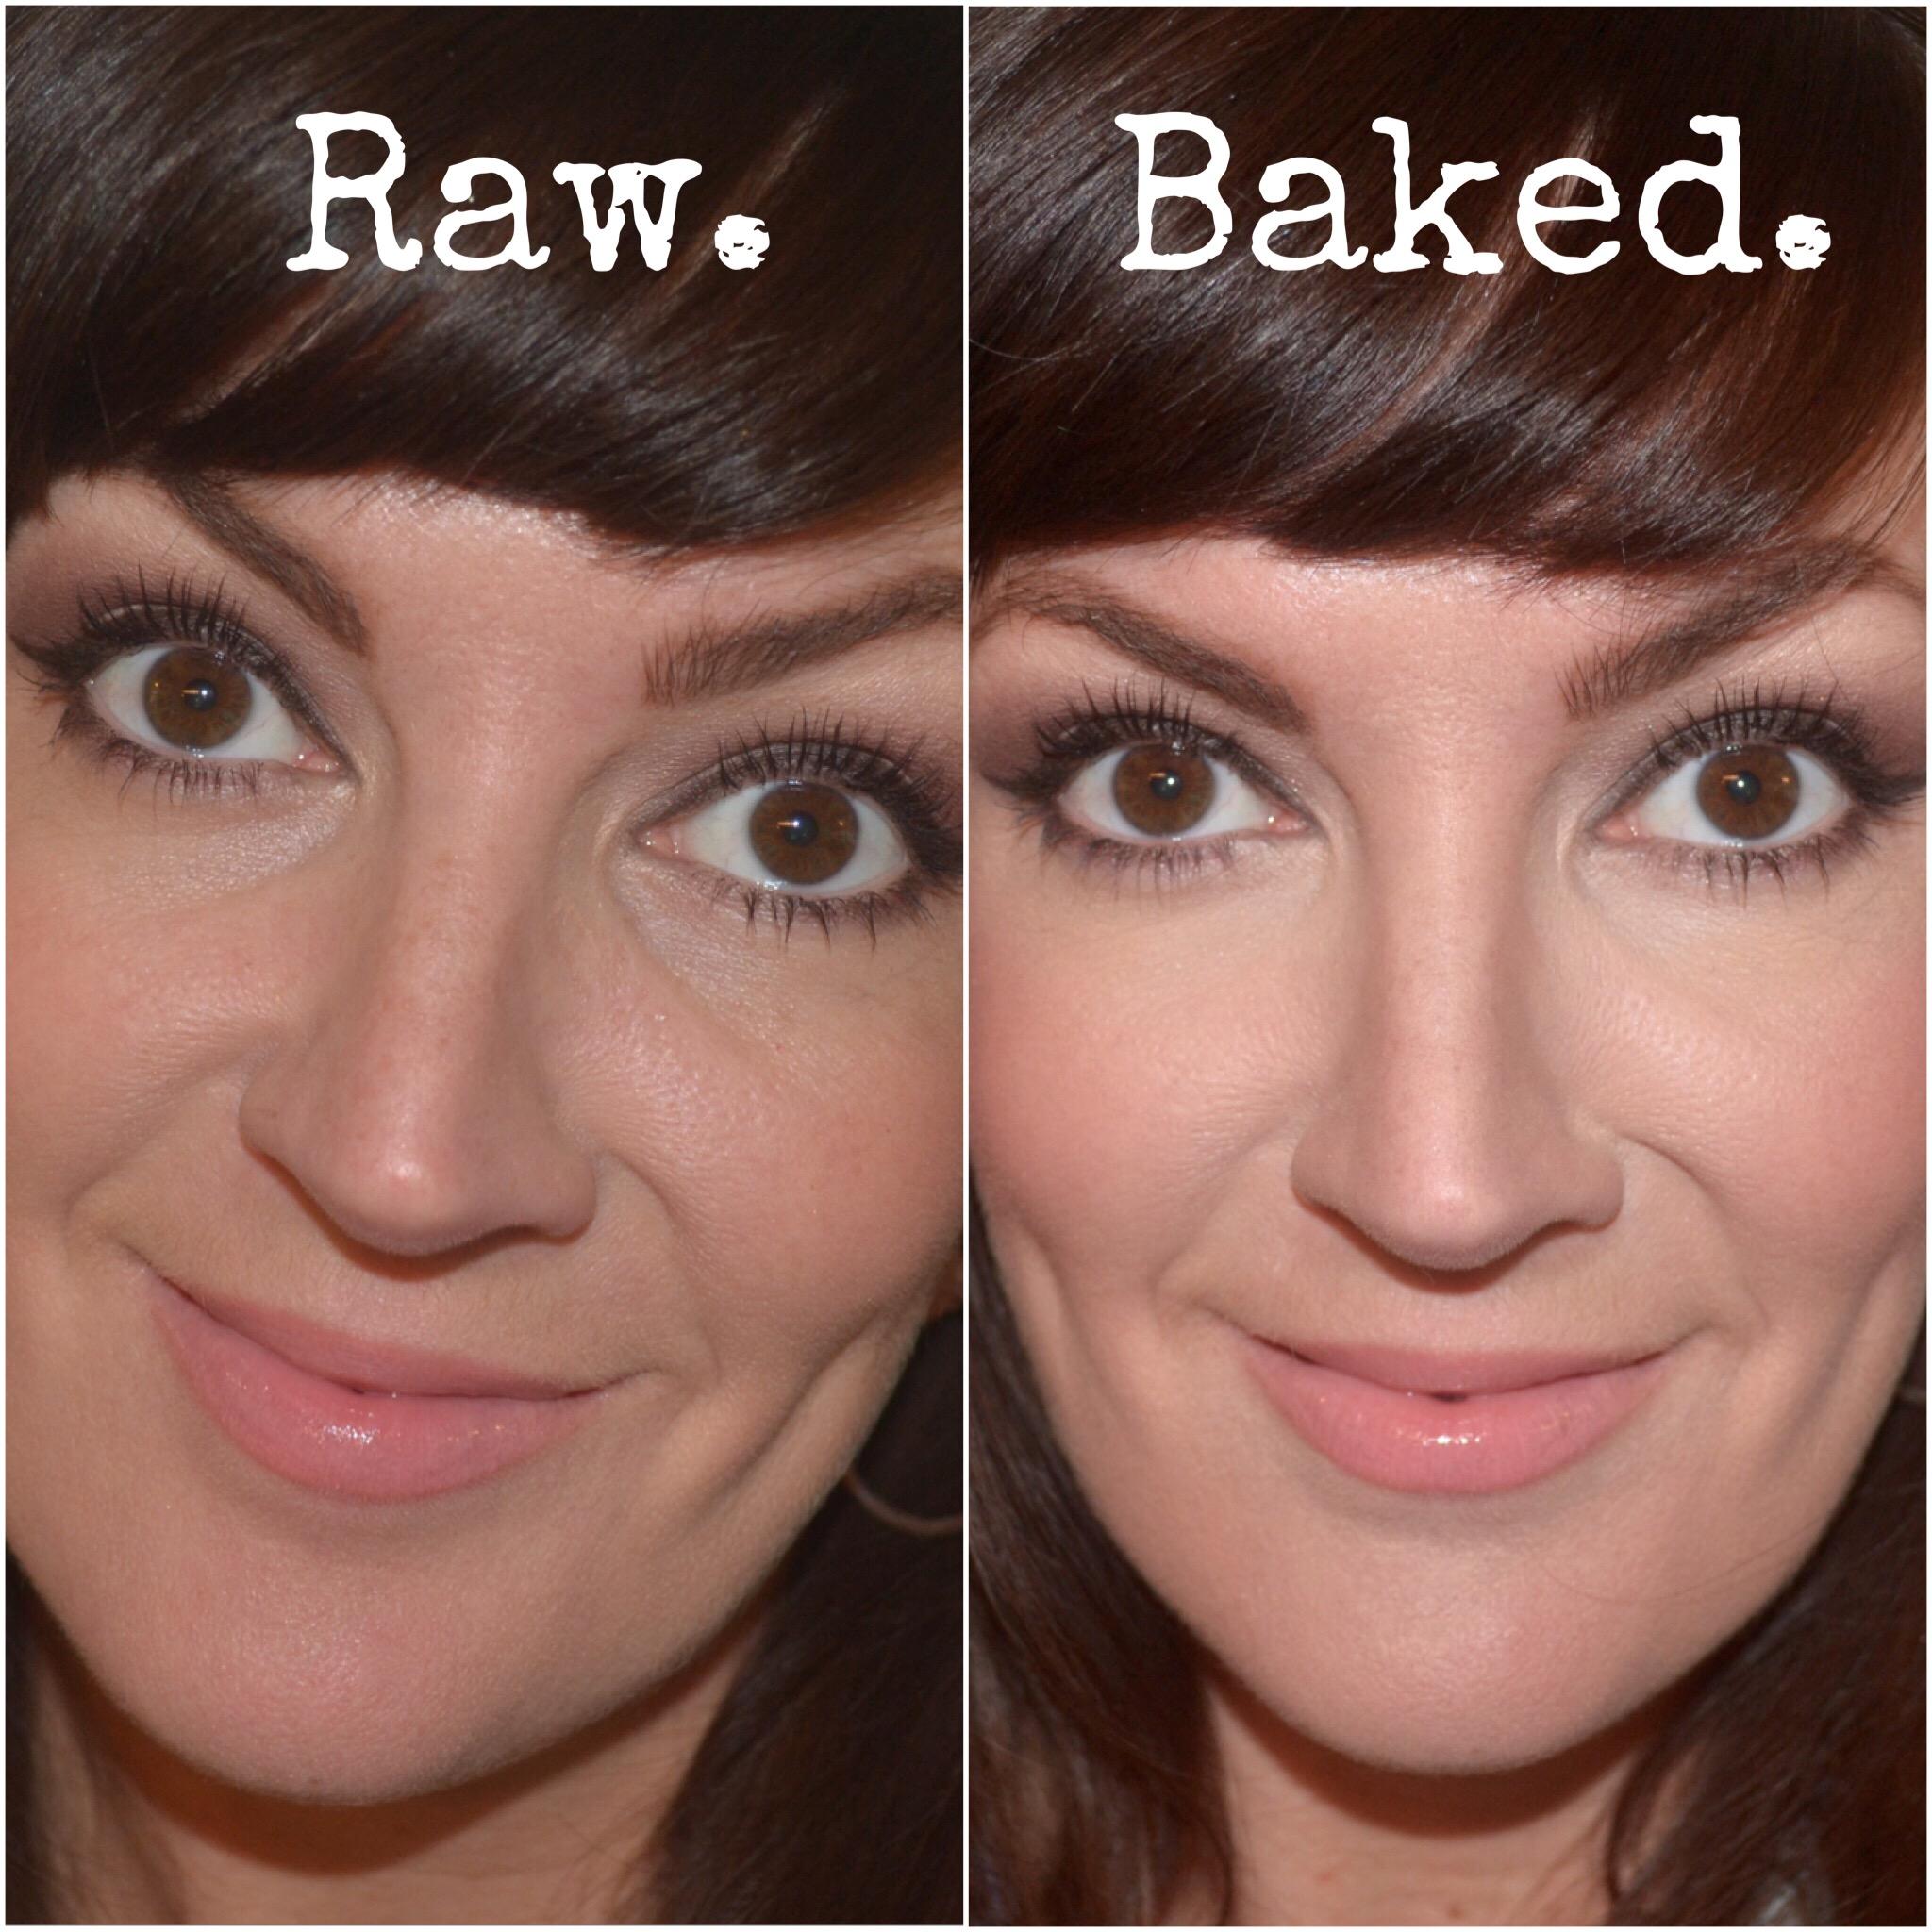 Get Baked : The Hot New Makeup Method - JennySue Makeup